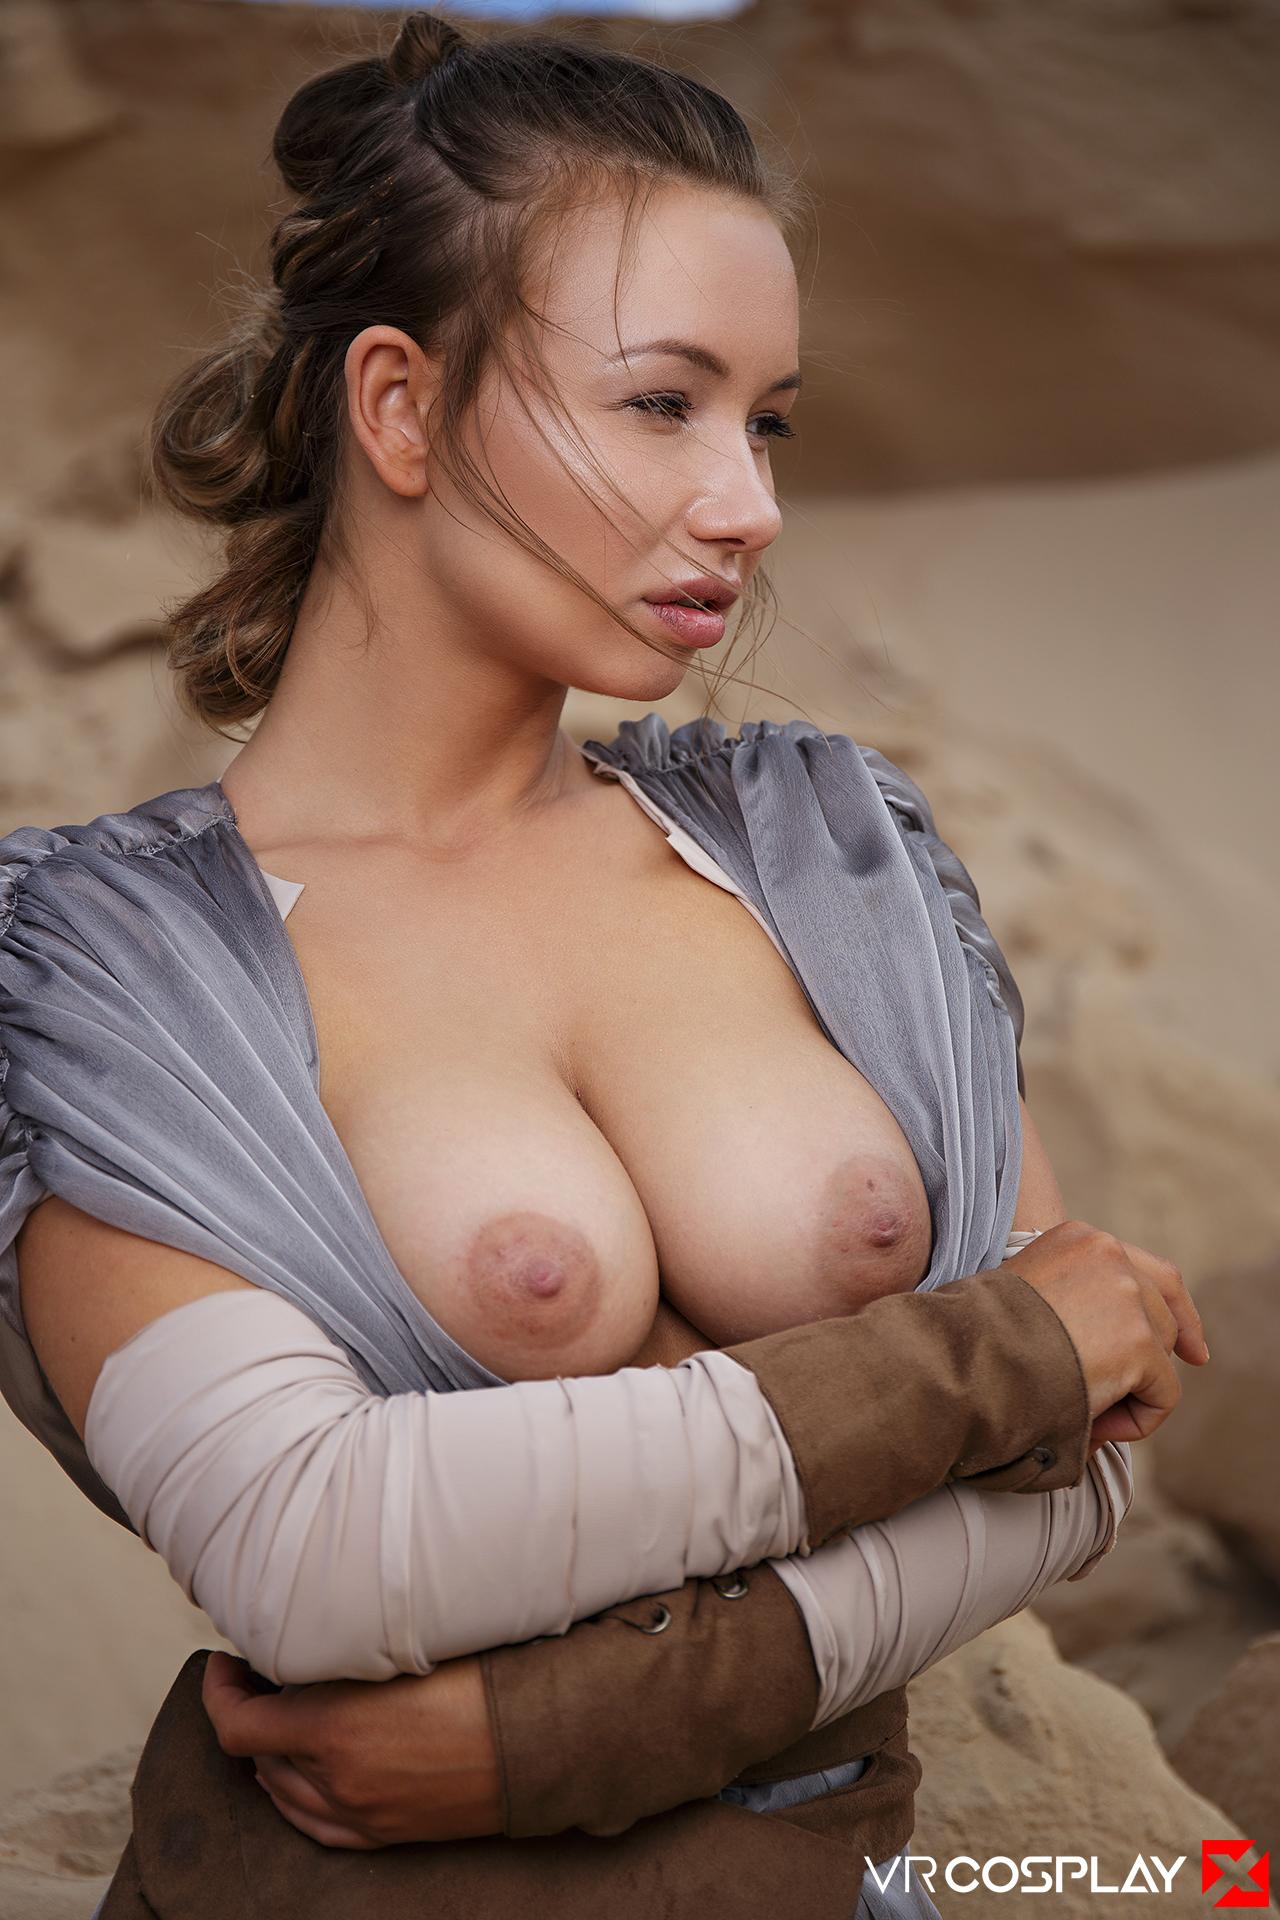 Star Wars A Porn Parody